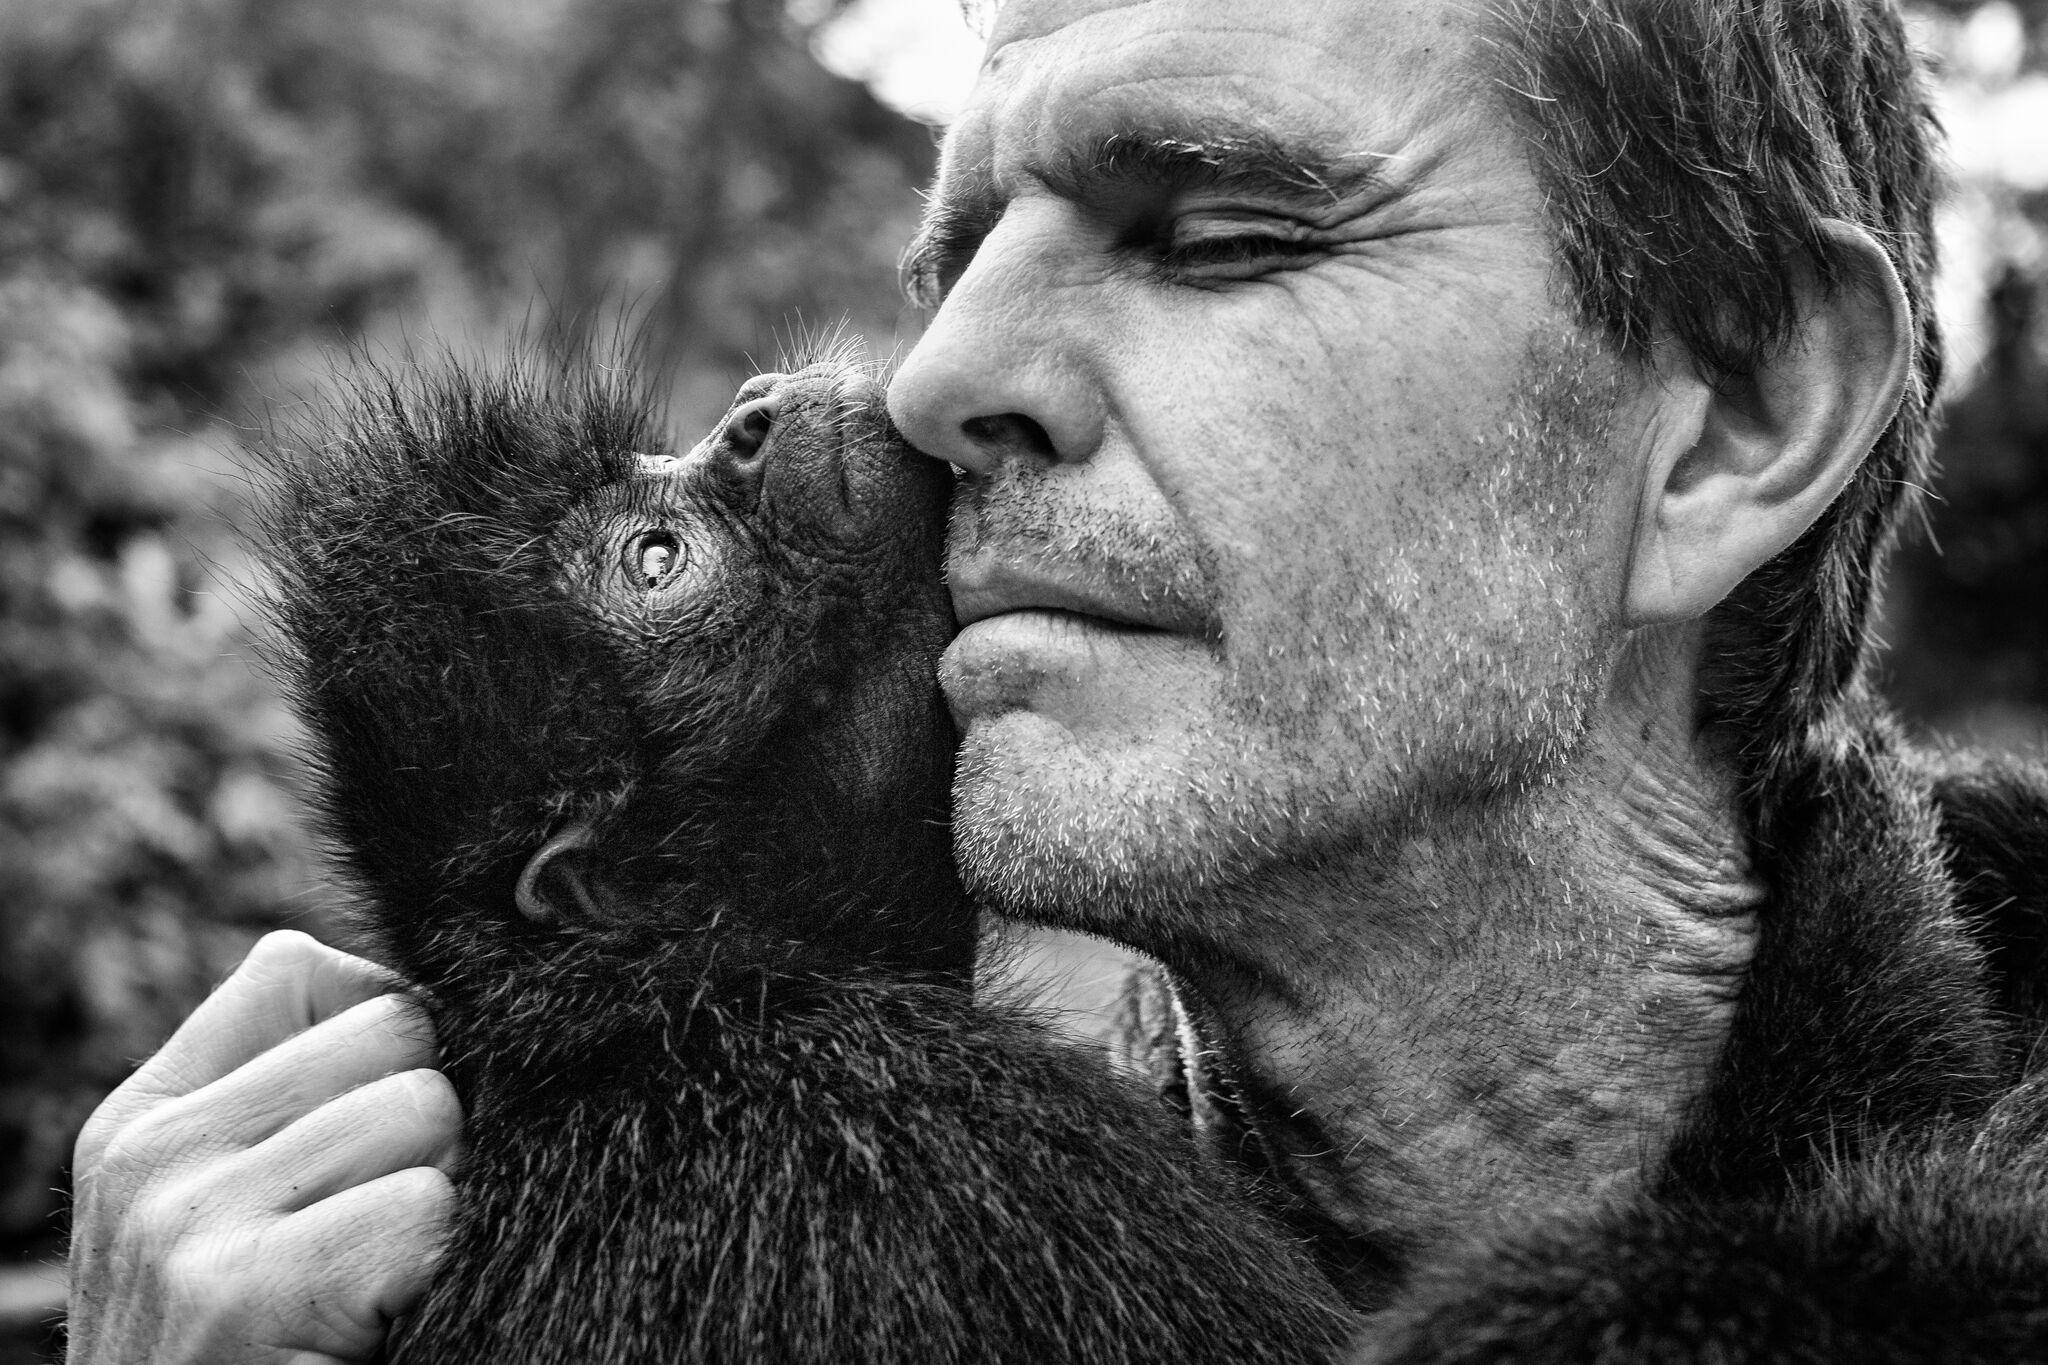 PHOTO: TRACEY BUYCE Marcelo Levy, Co-Founder of La Senda Verde, has a special bond with the creatures of La Senda Verde.*